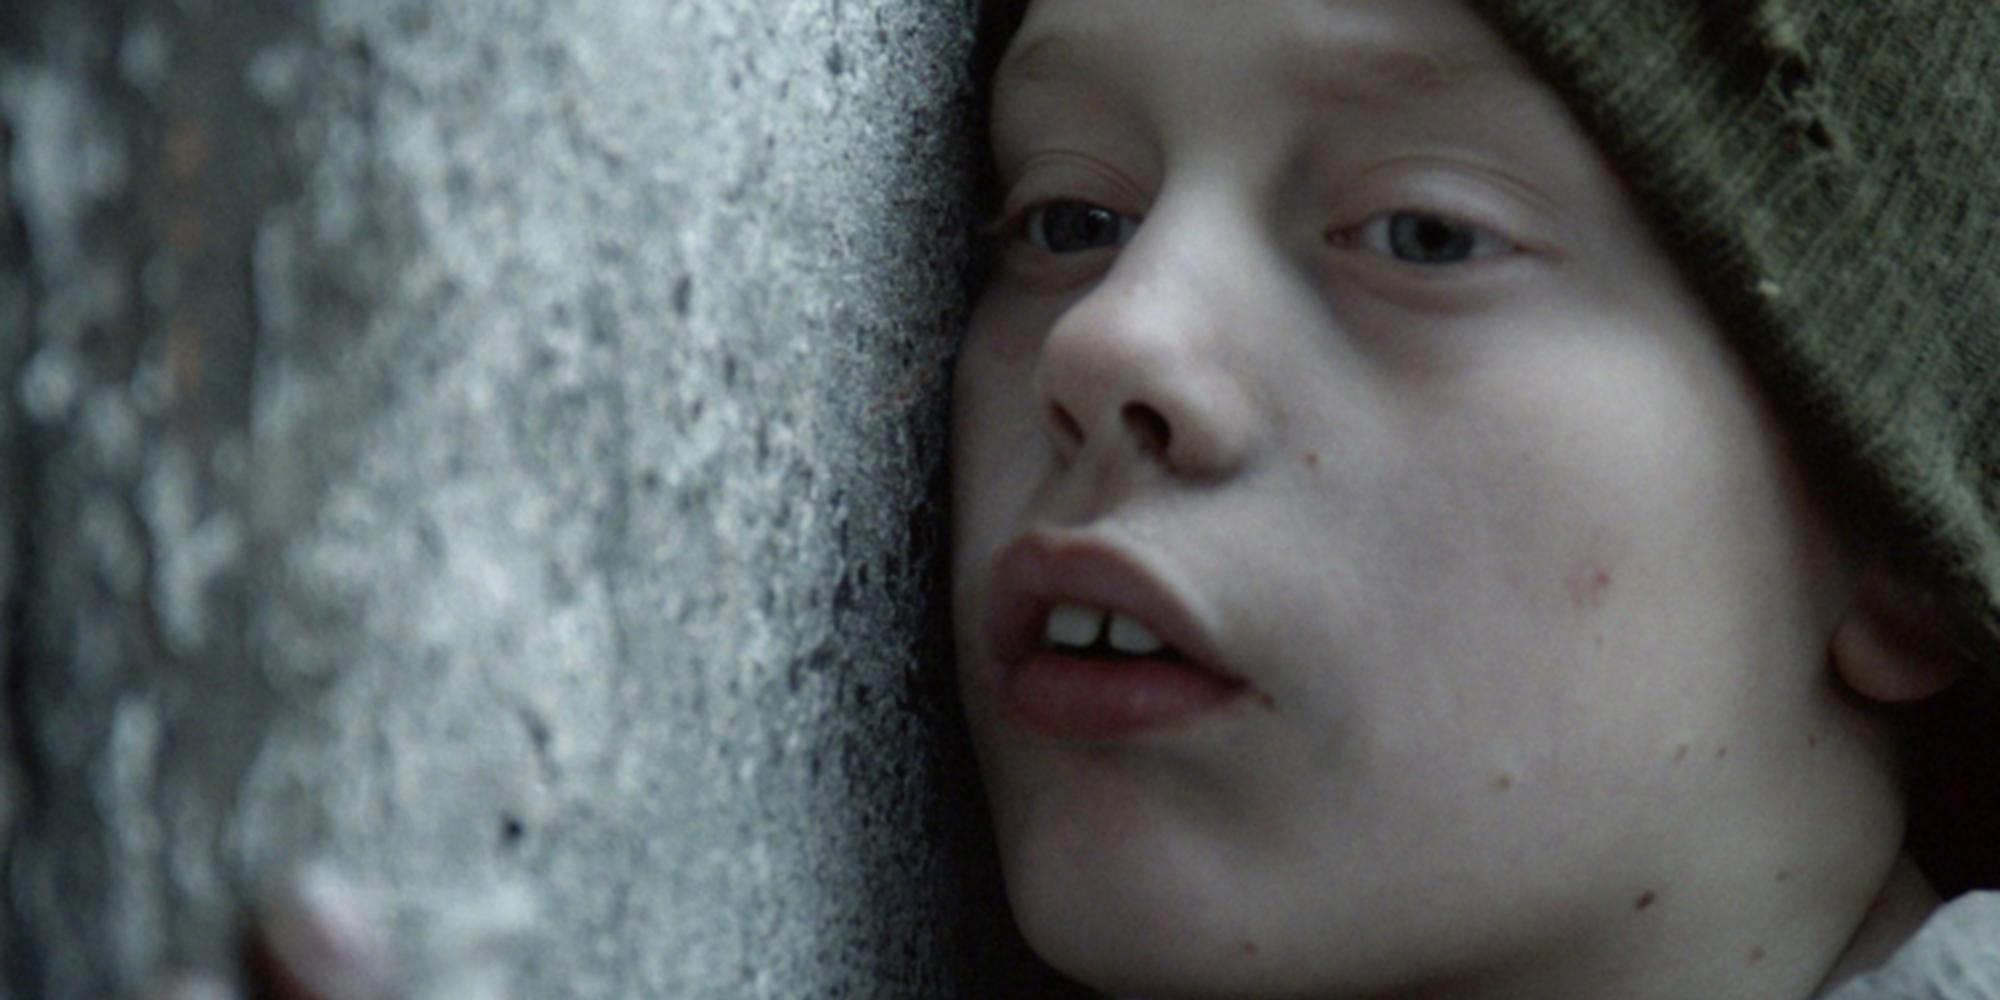 Utsnitt fra filmen The Wall.